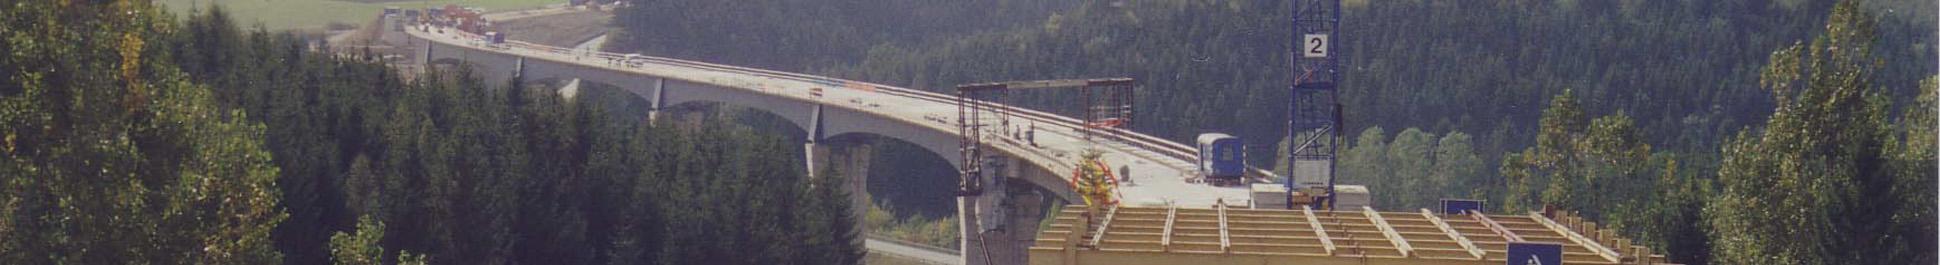 KonstruktionsgruppeBauenKonstanz-Leistungen